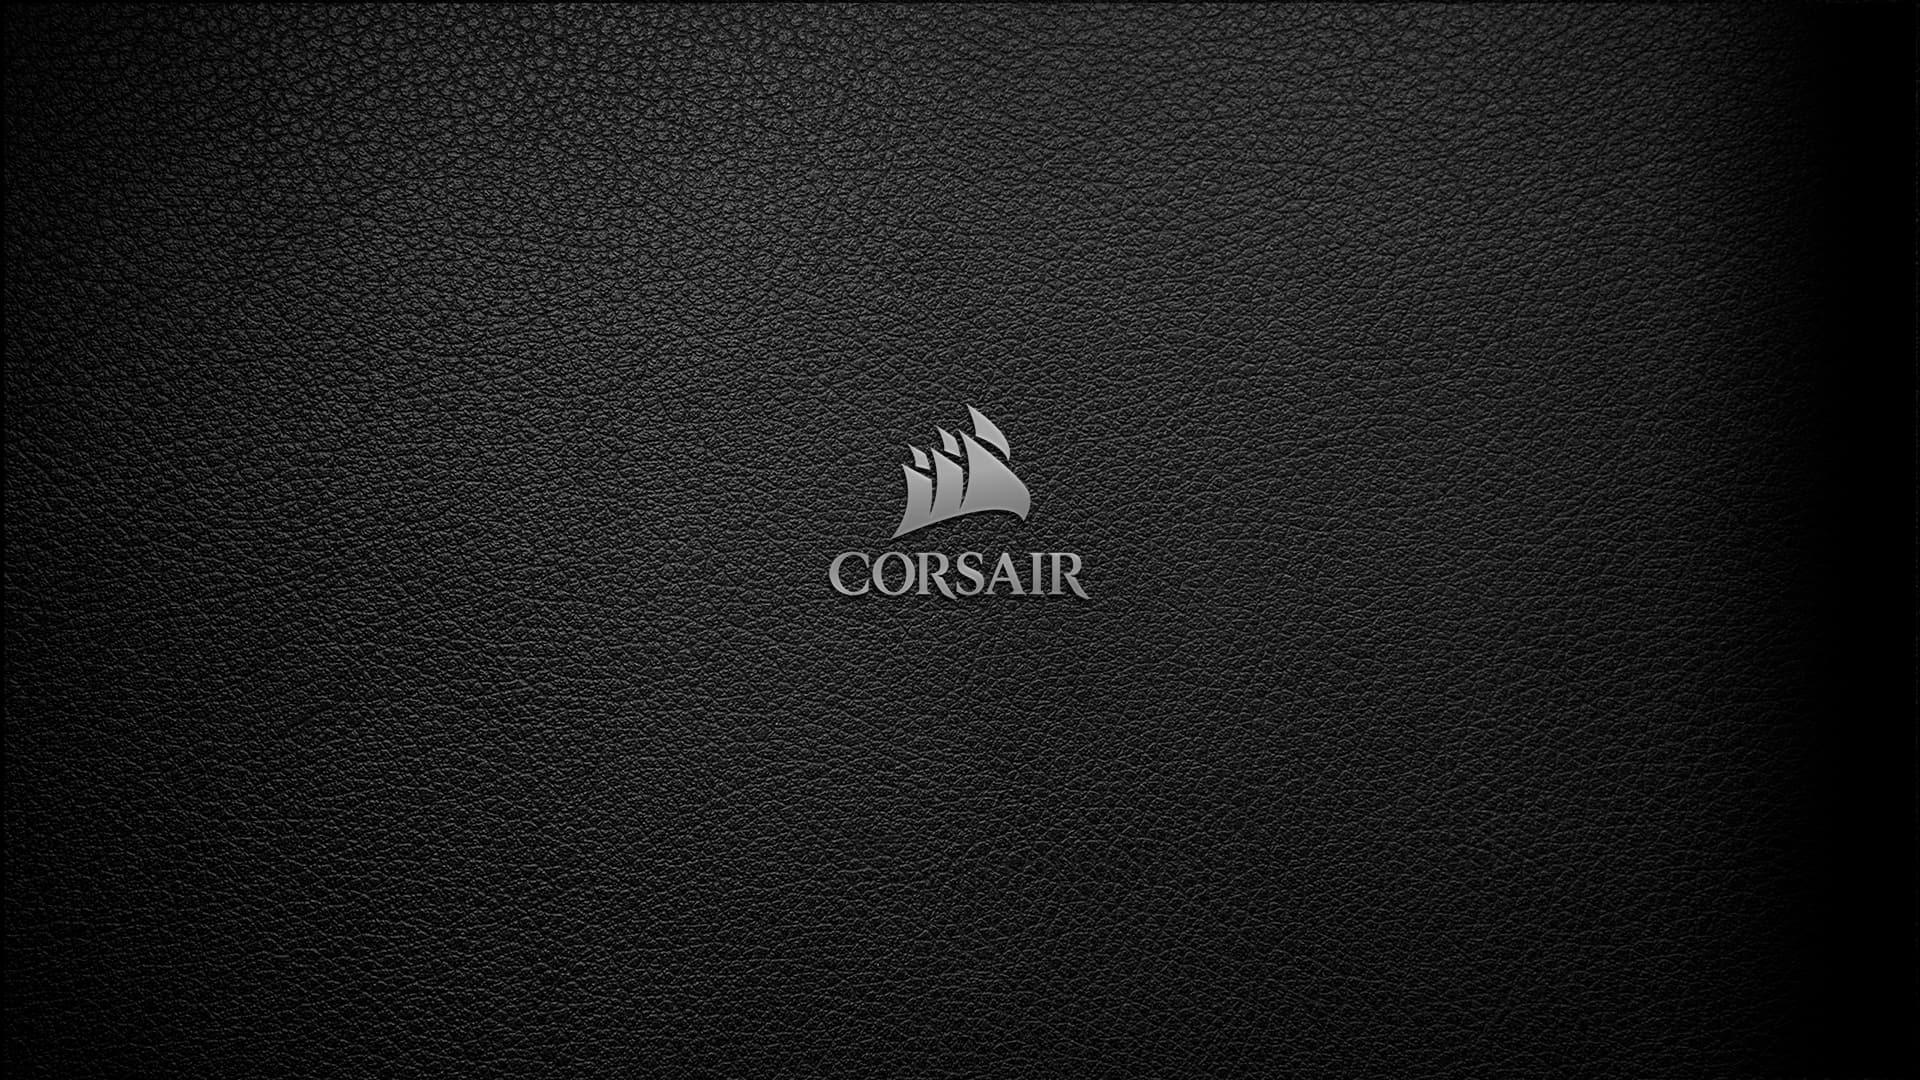 Corsair 壁紙